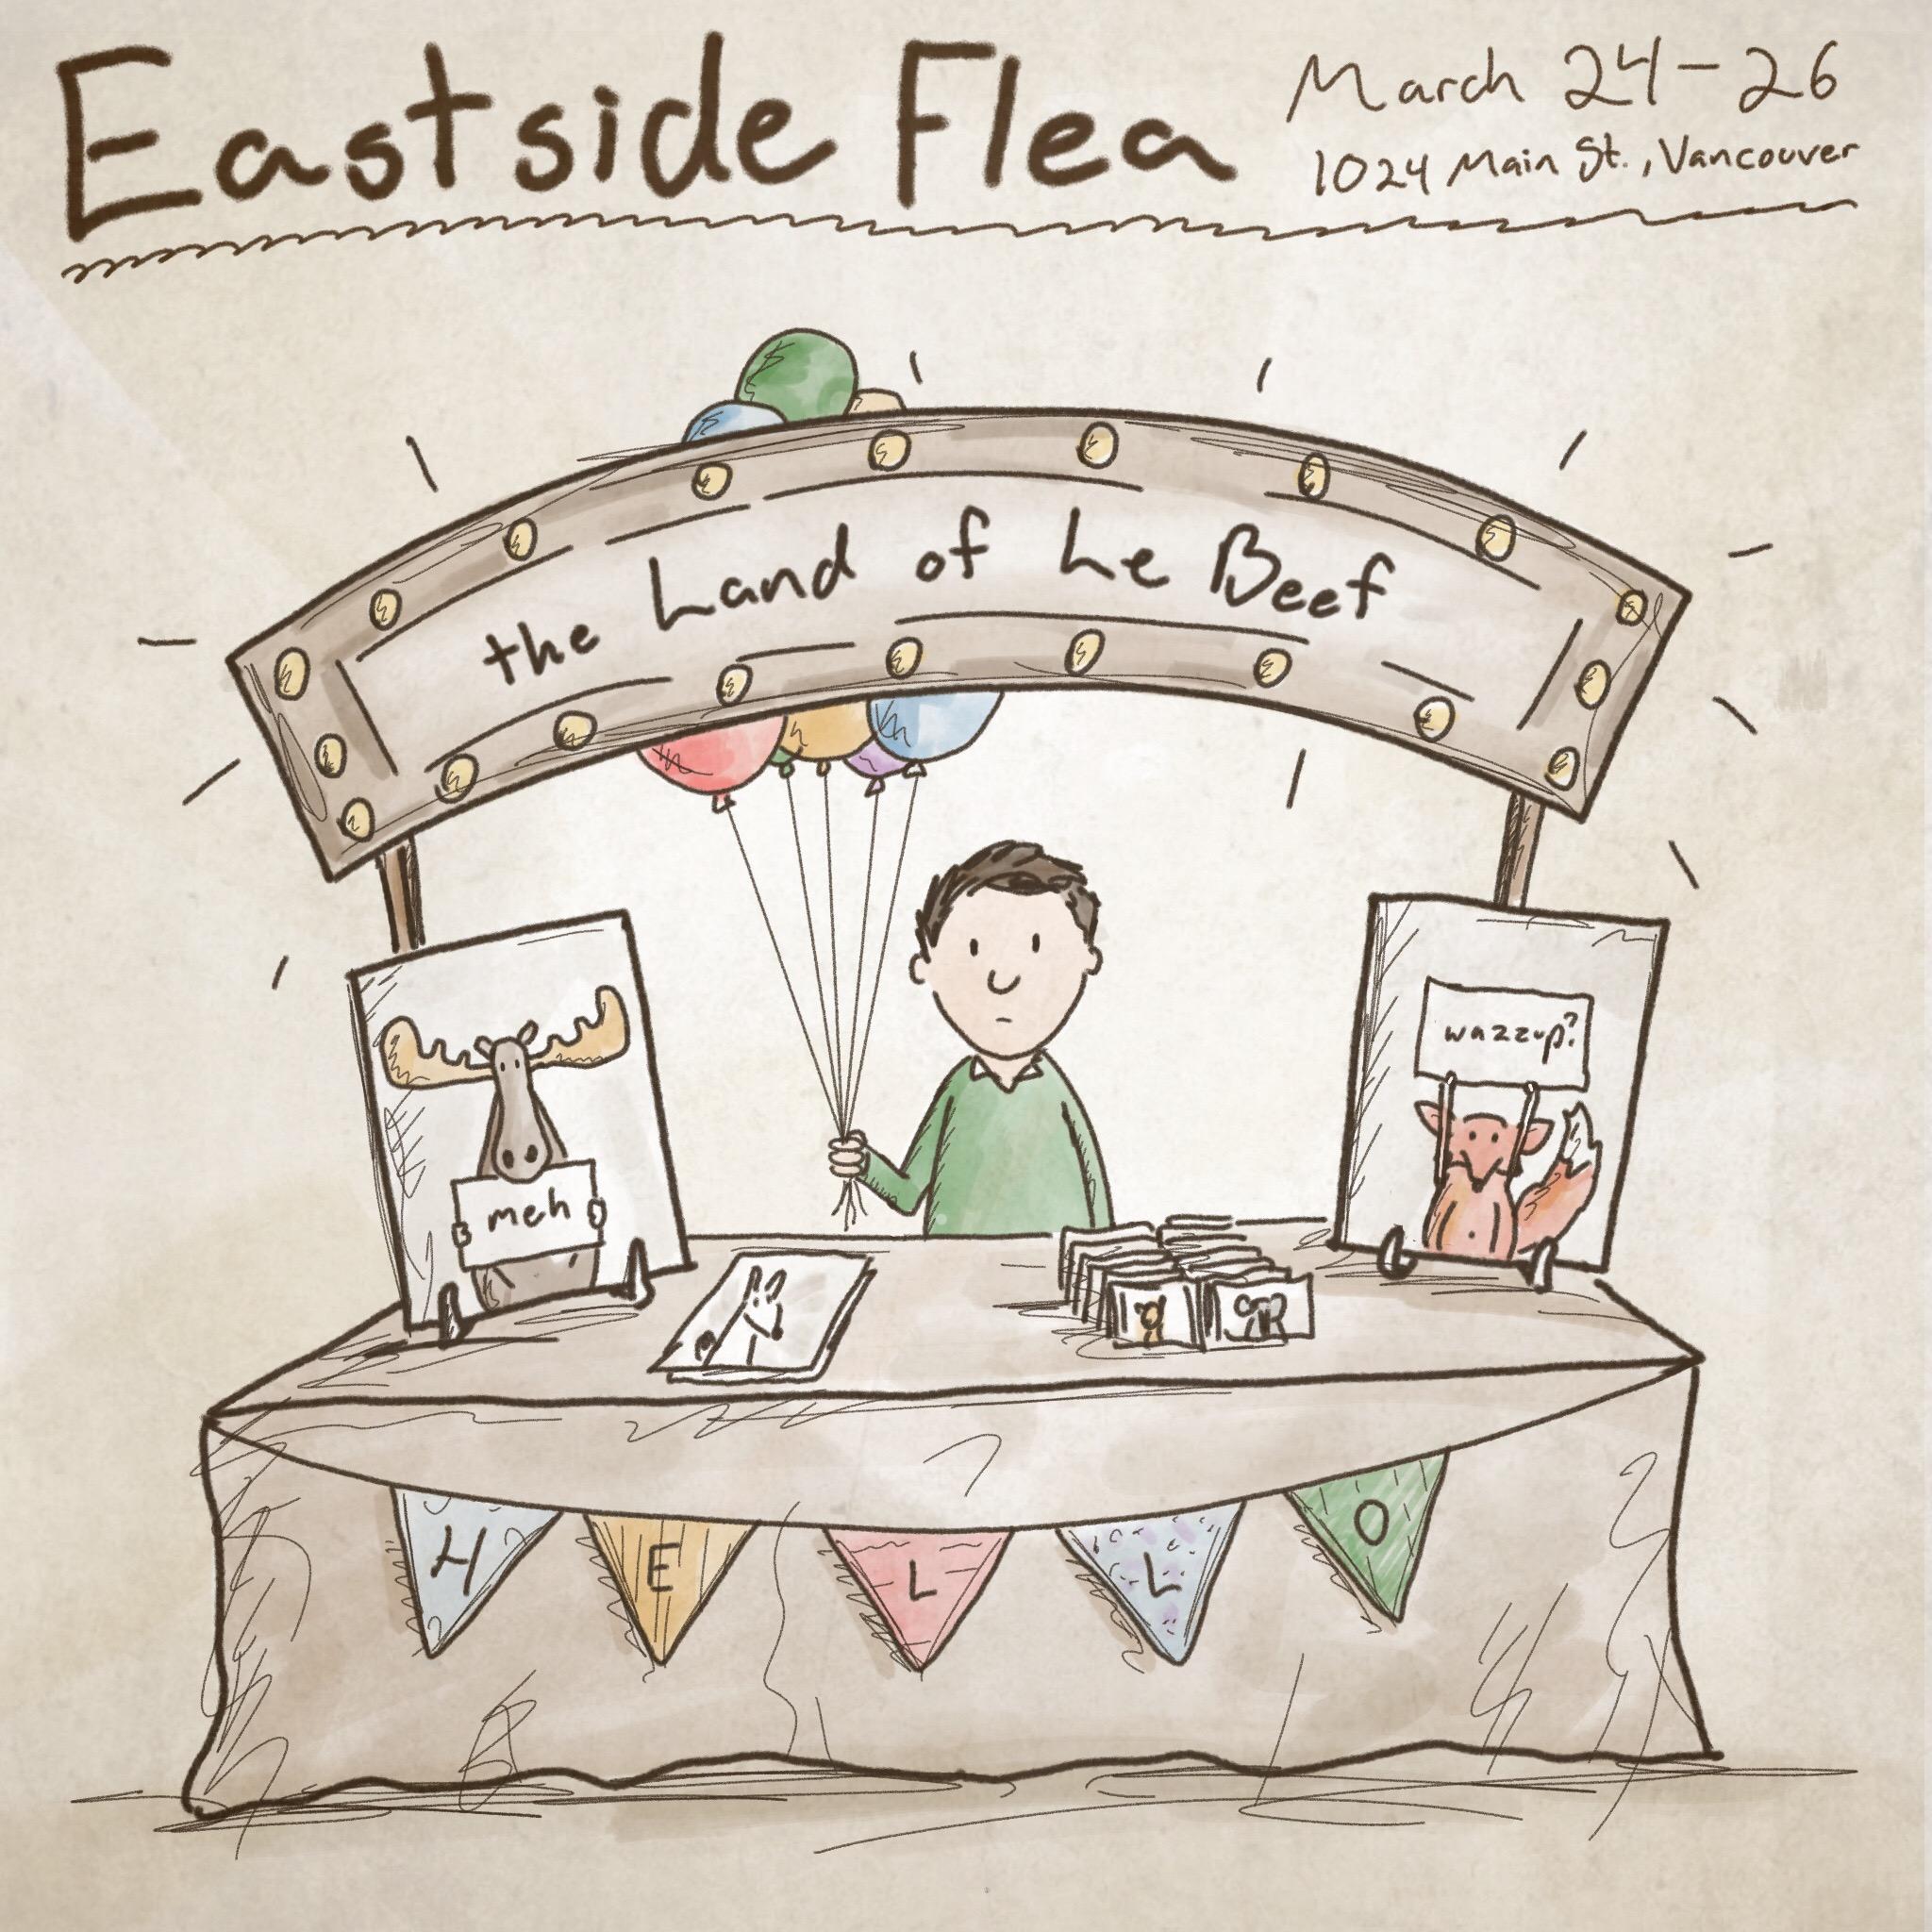 Eastside_Flea_1 (deleted 7b753f3e671b18c44f14c27b5542634d).jpg